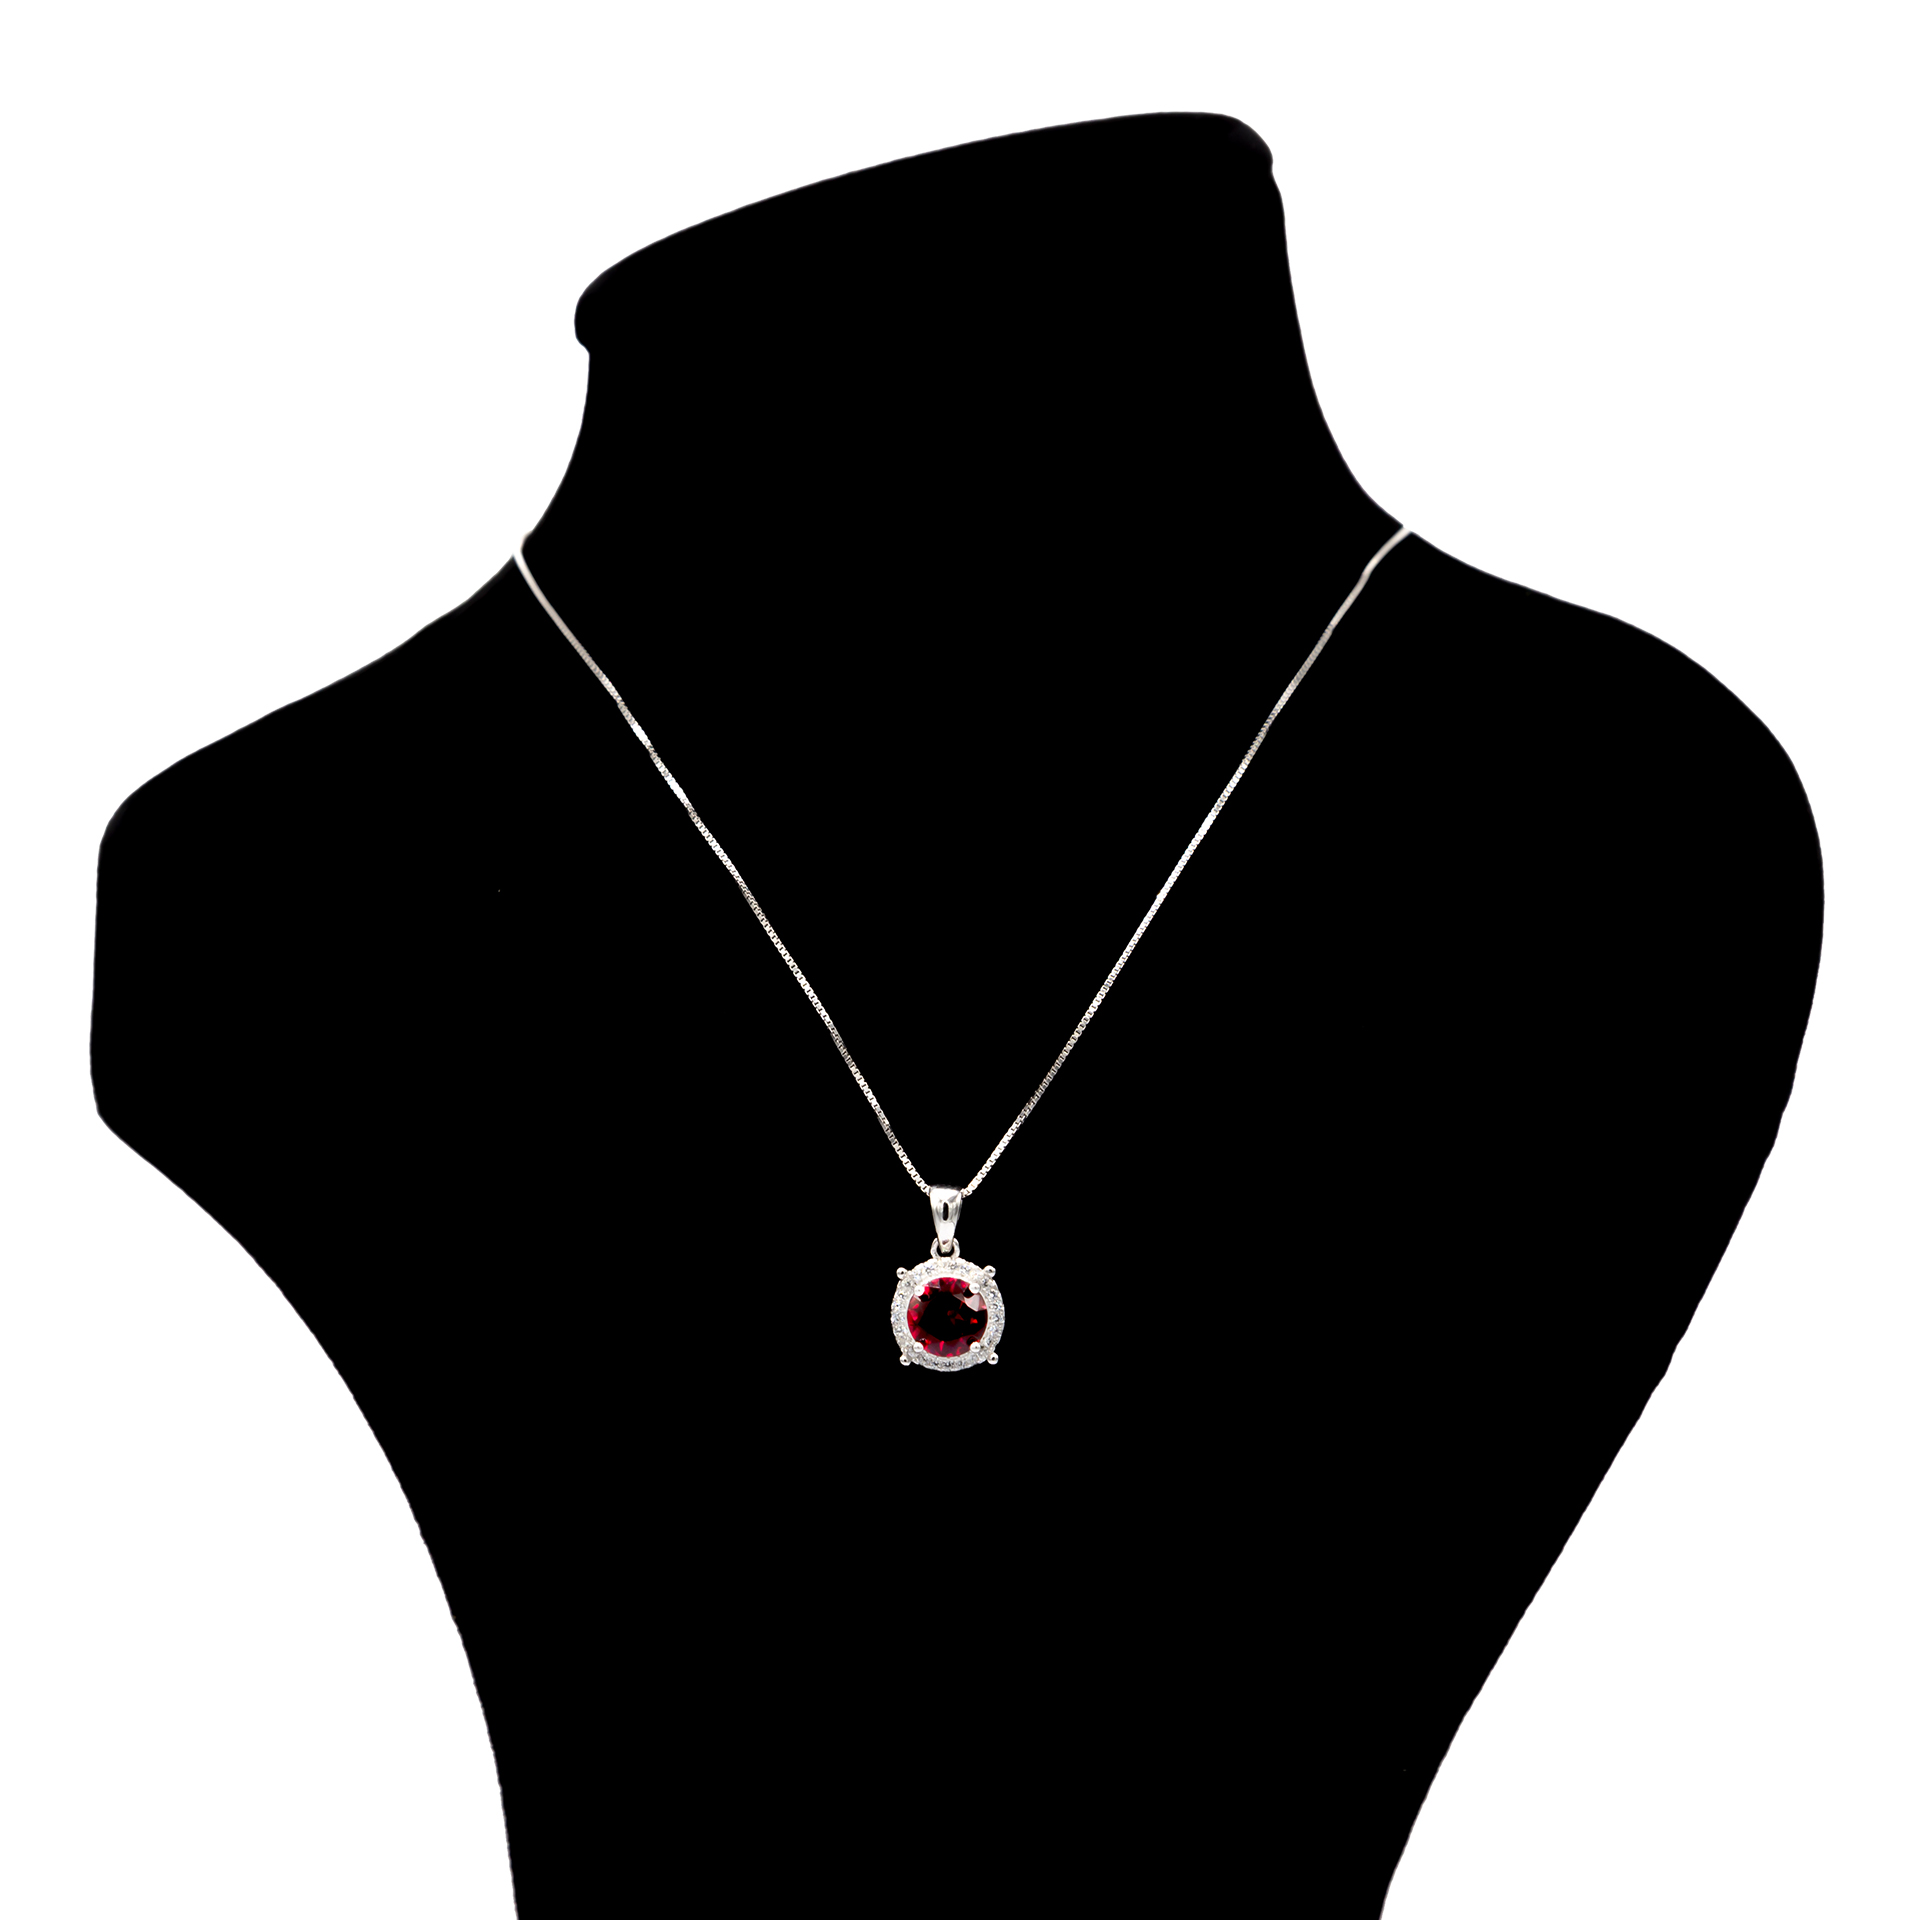 گردنبند نقره بهارگالری مدل Rounde Jewel کد 405014